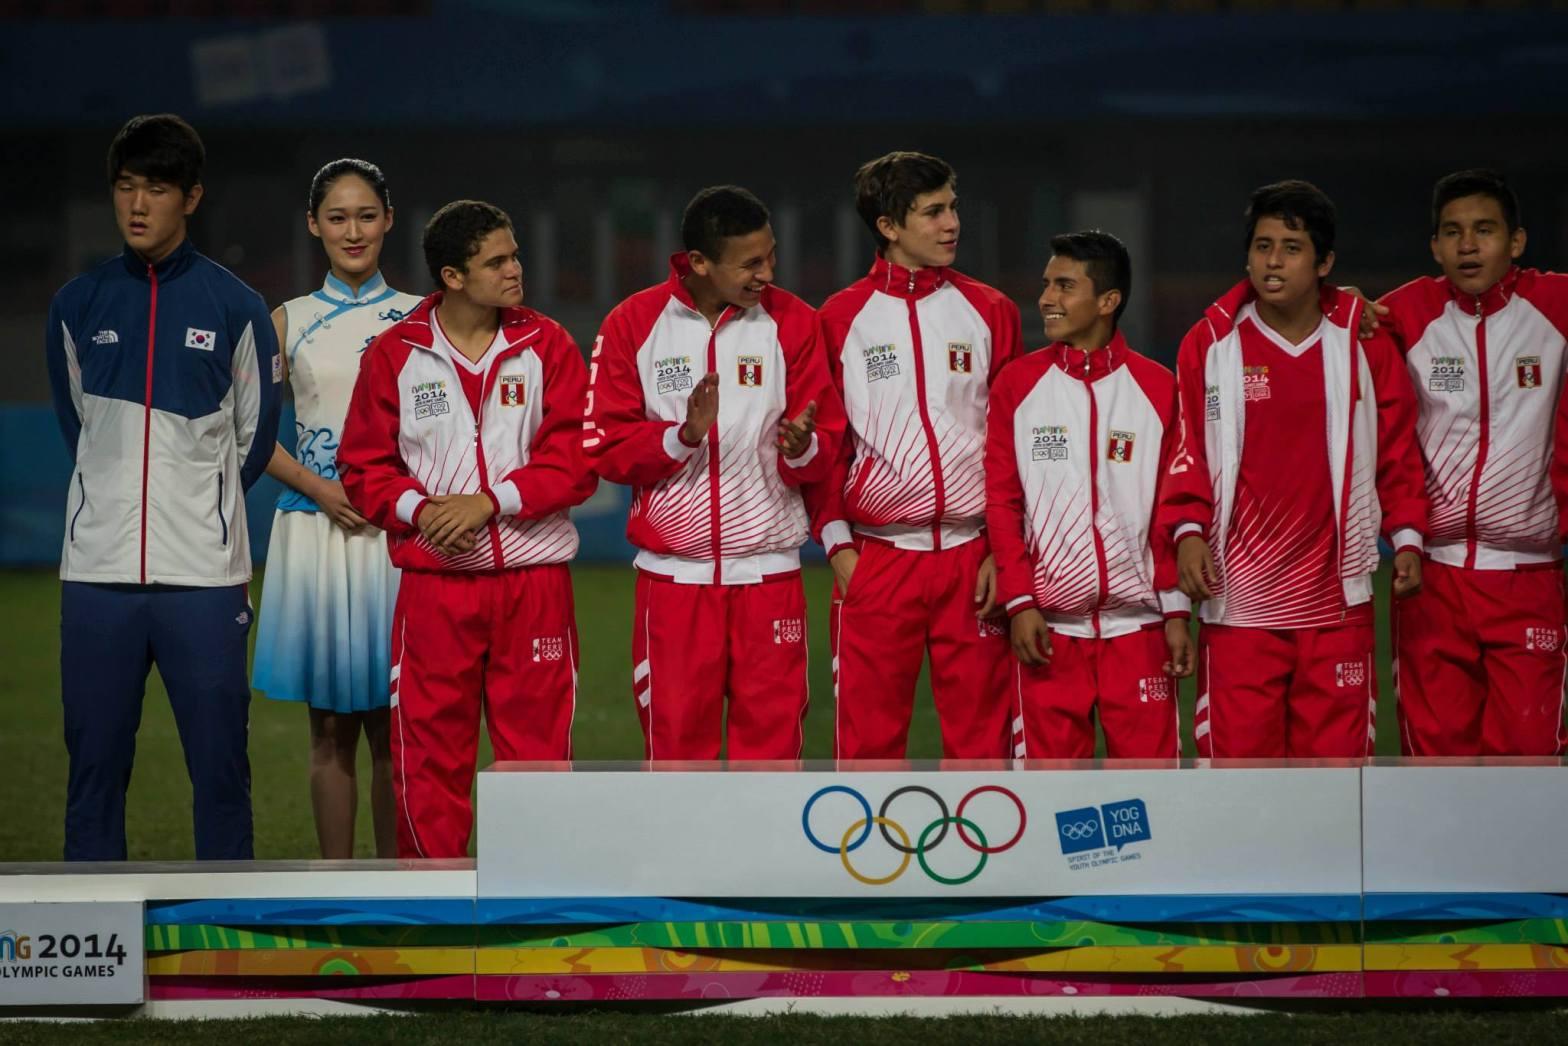 [FOTOS Facebook Ado Perú] Nanjing 2014: Selección de Fútbol Sub 15 es campeón Olímpico